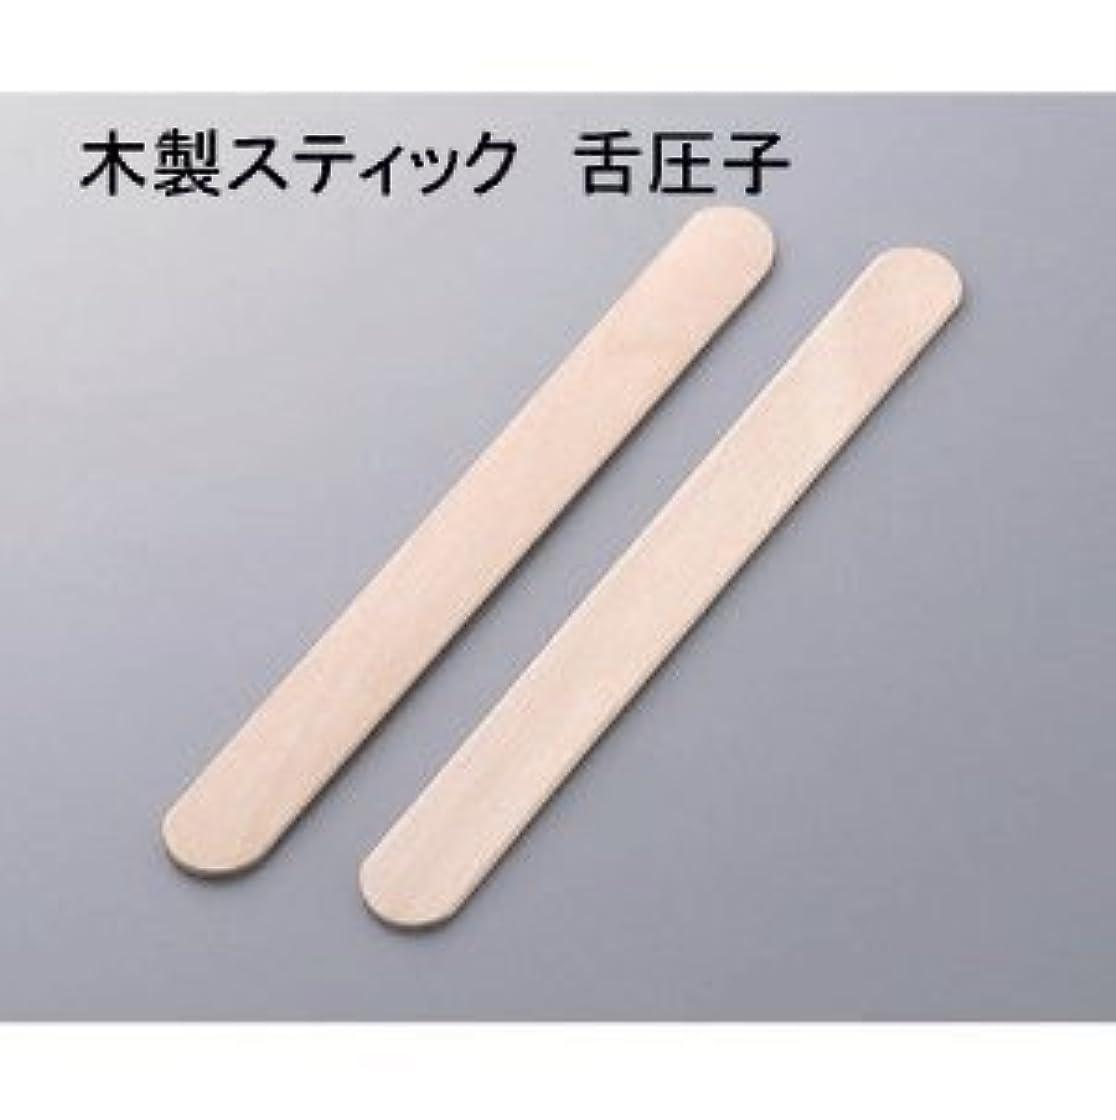 配置アレルギー性メンタリティ木製舌圧子150mm スパチュラ 脱毛 ハダカ 50本